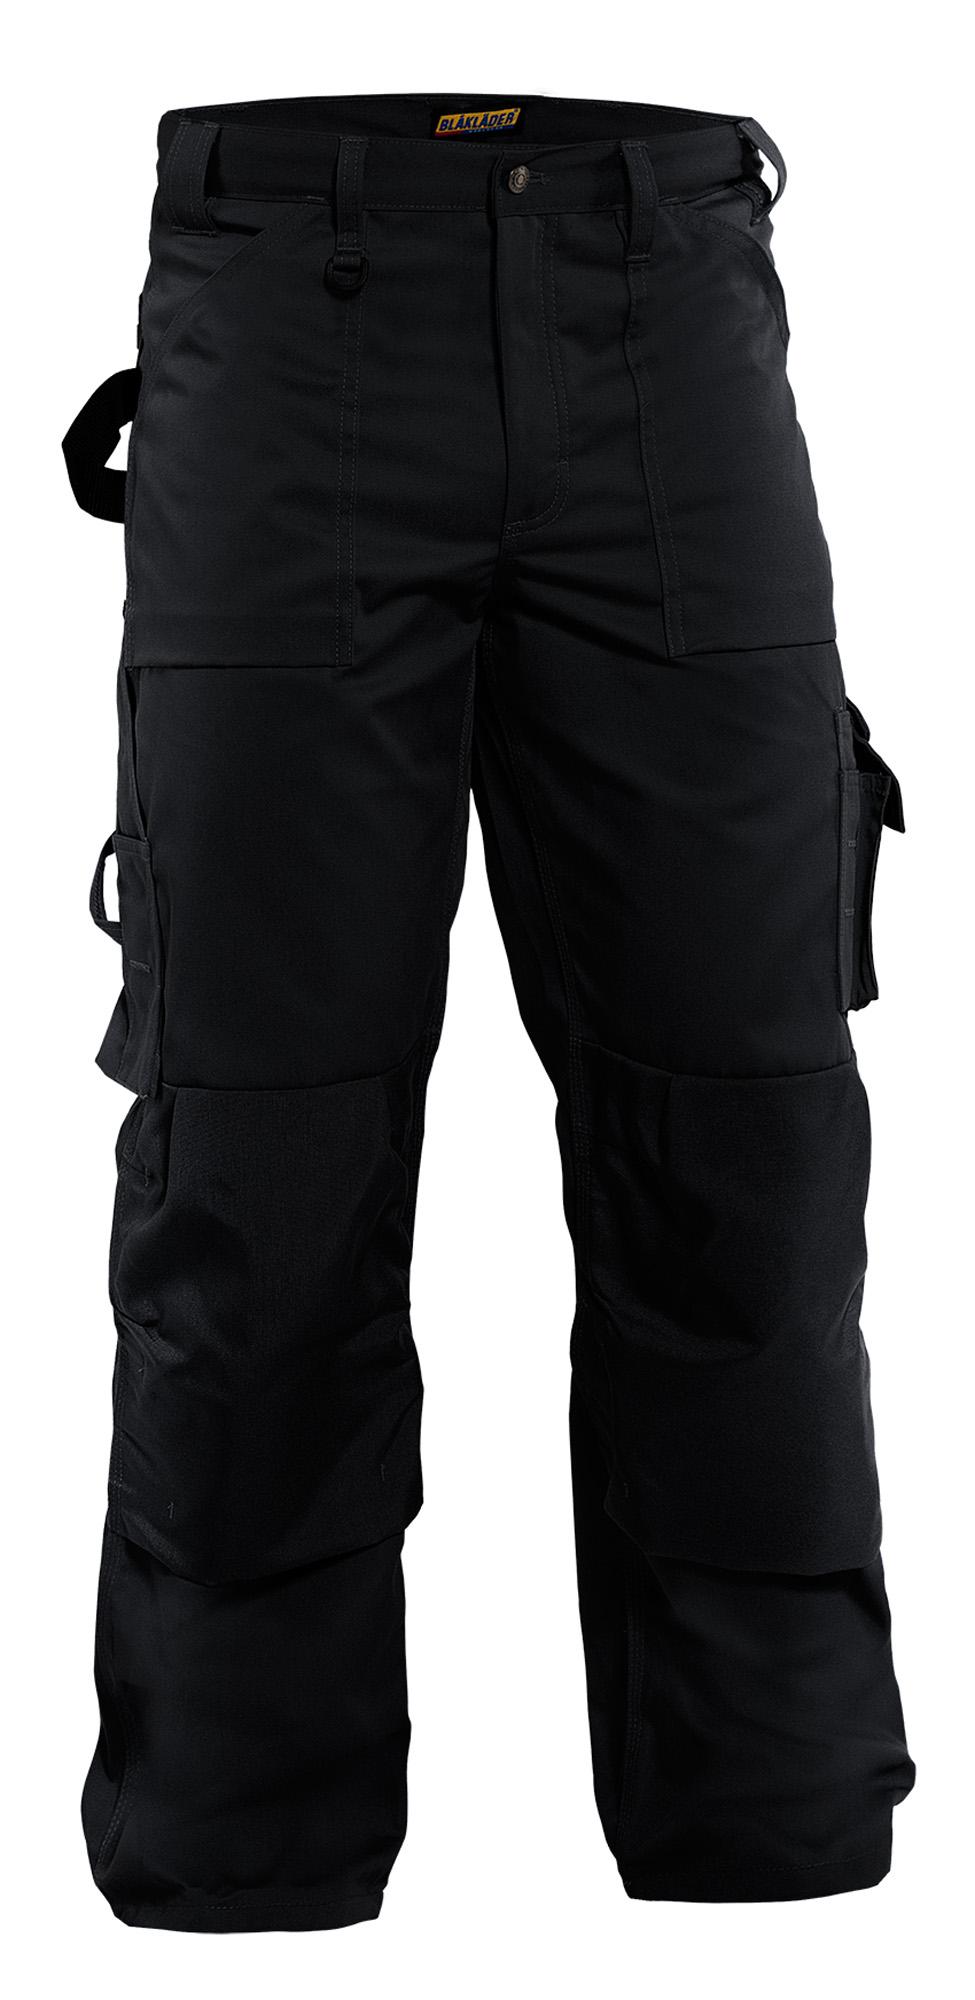 blaklader Trabajo Trabajo Trabajo Pantalones Con CORDURA bolsillos en las Rodilleras ( d38852